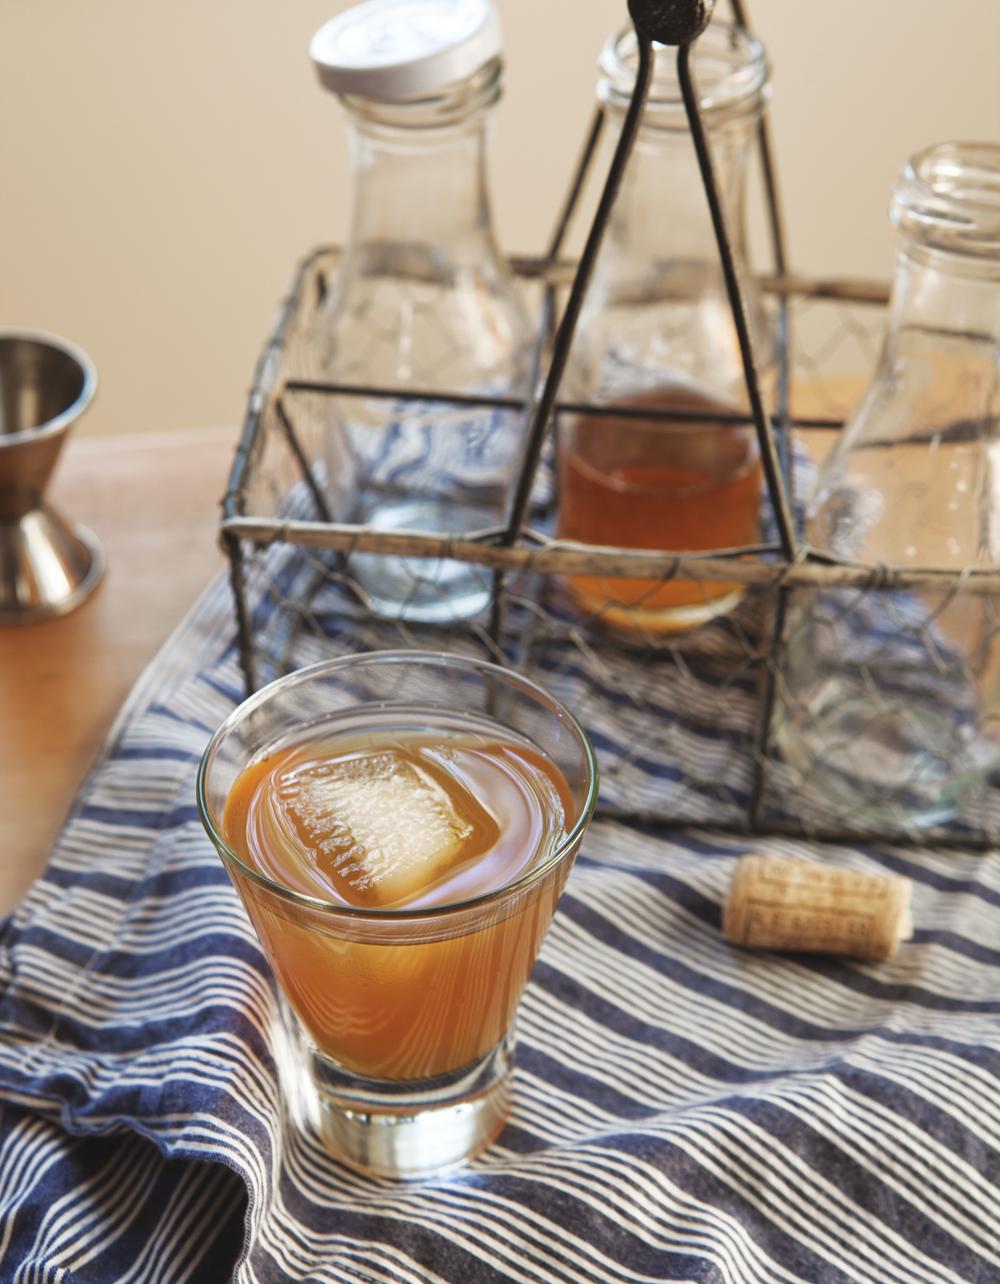 Cider-and-Rye-Cocktail_JG_02.jpg